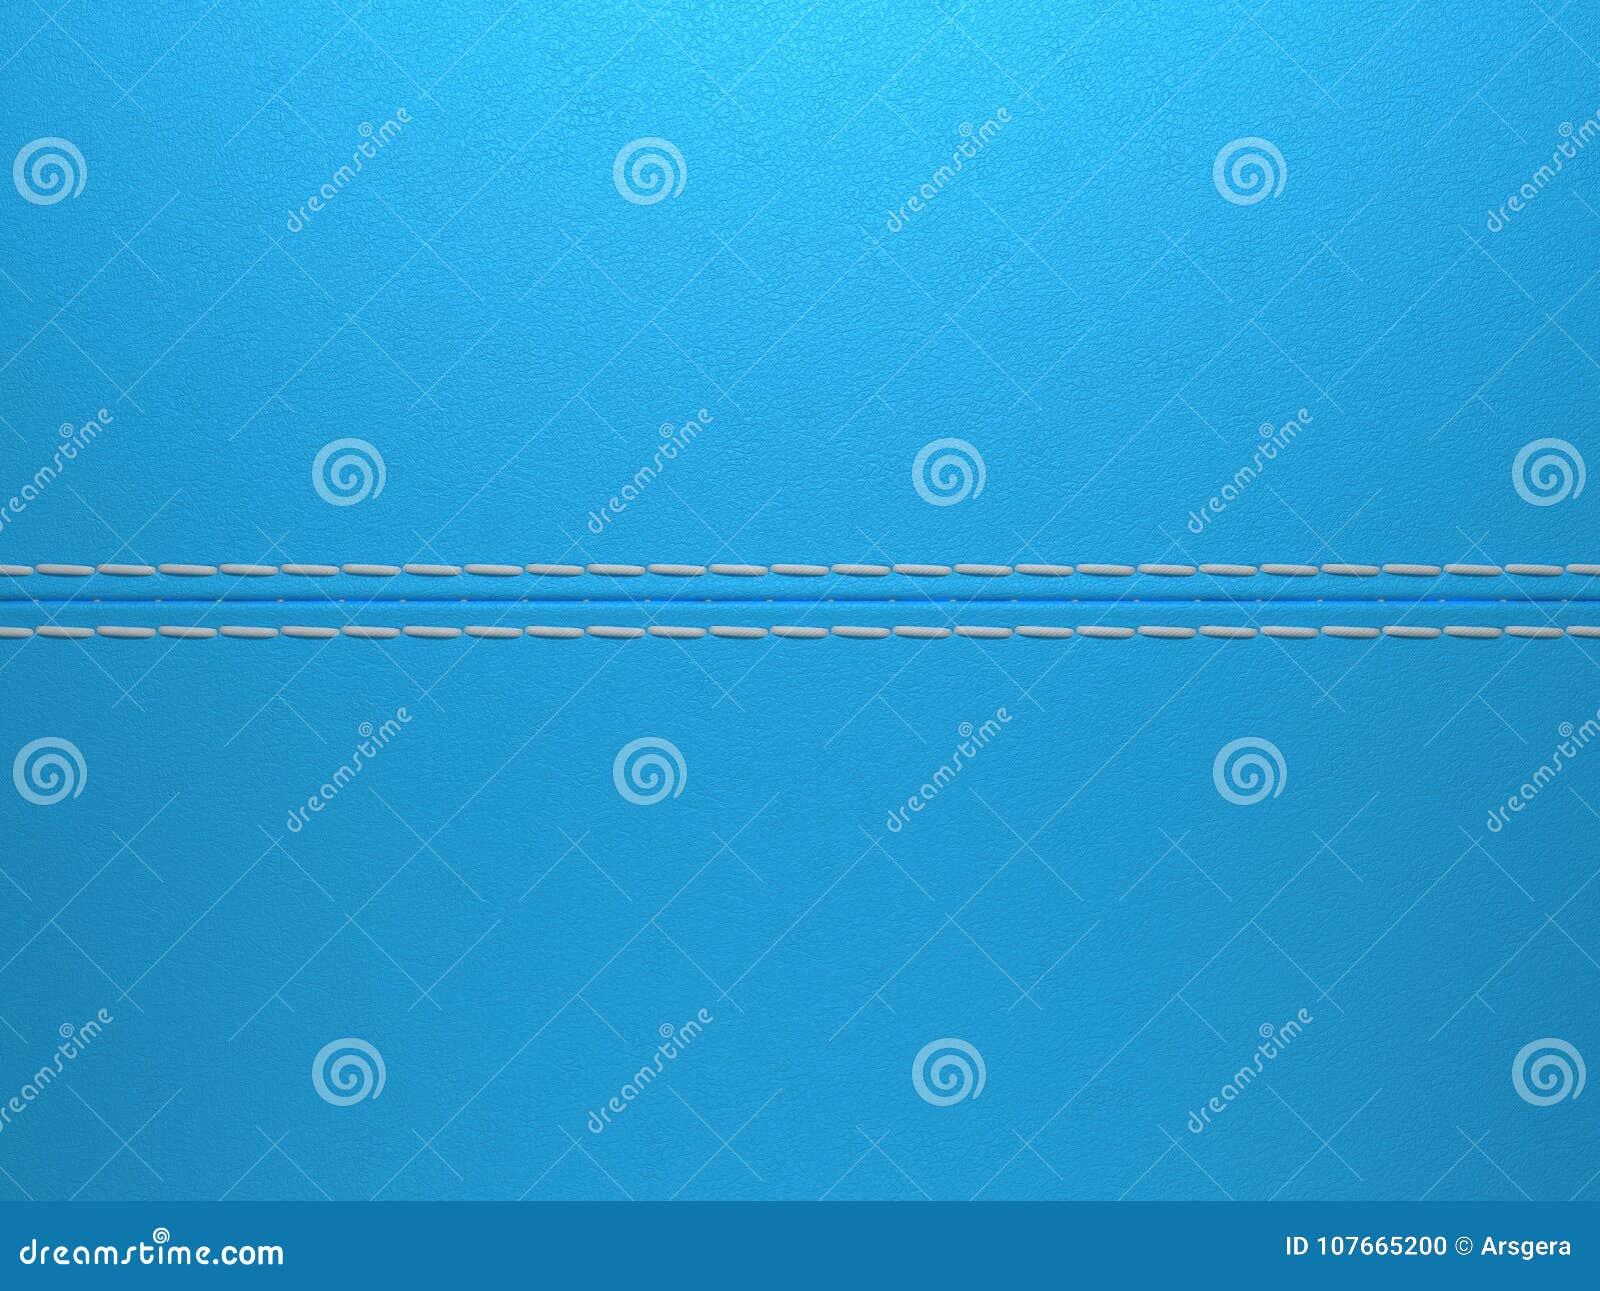 Błękitny horyzontalny zaszyty rzemienny tło